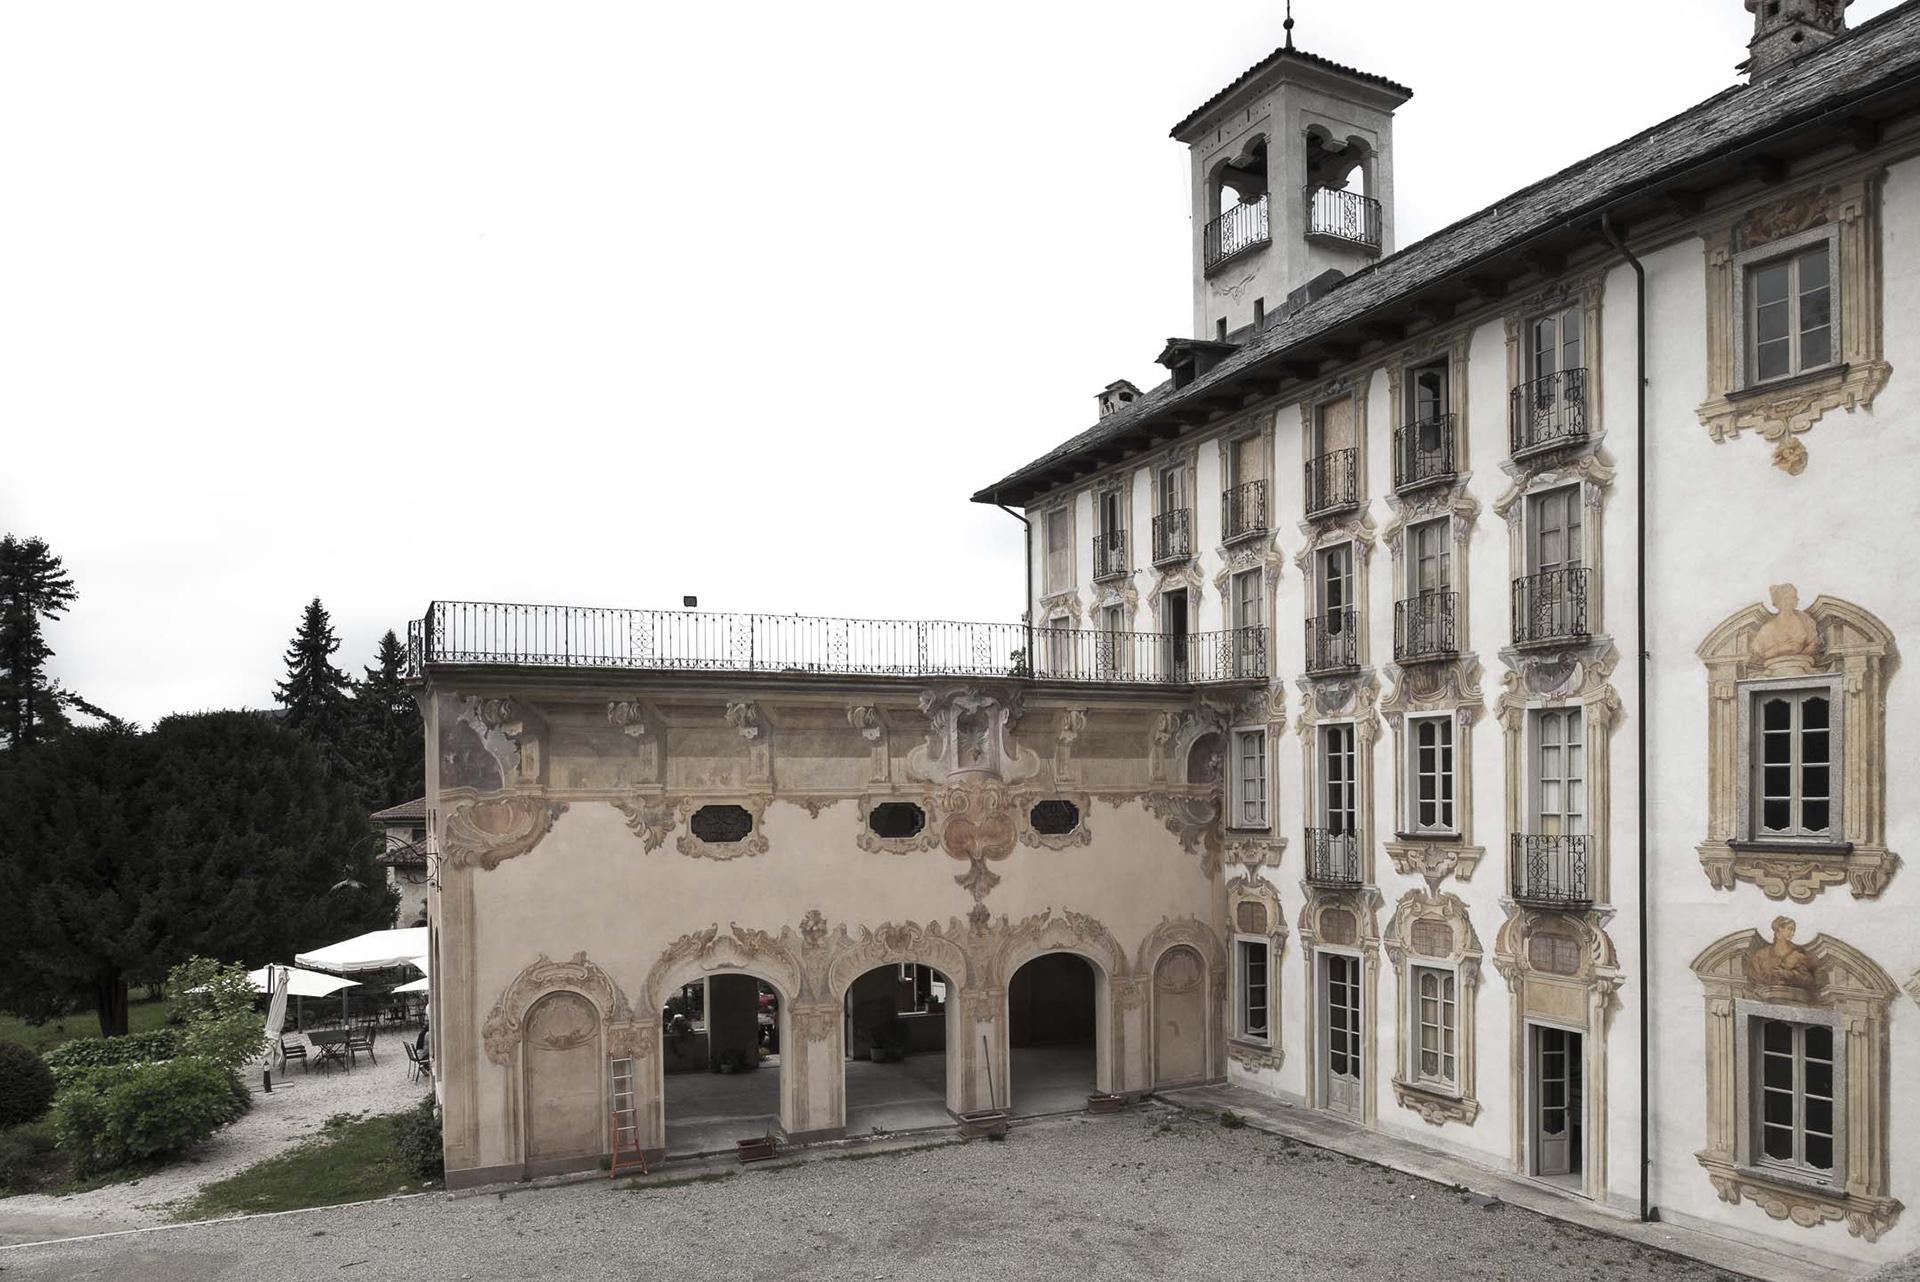 Immagine di Villa Nigra - Fotografia di Fabio Oggero